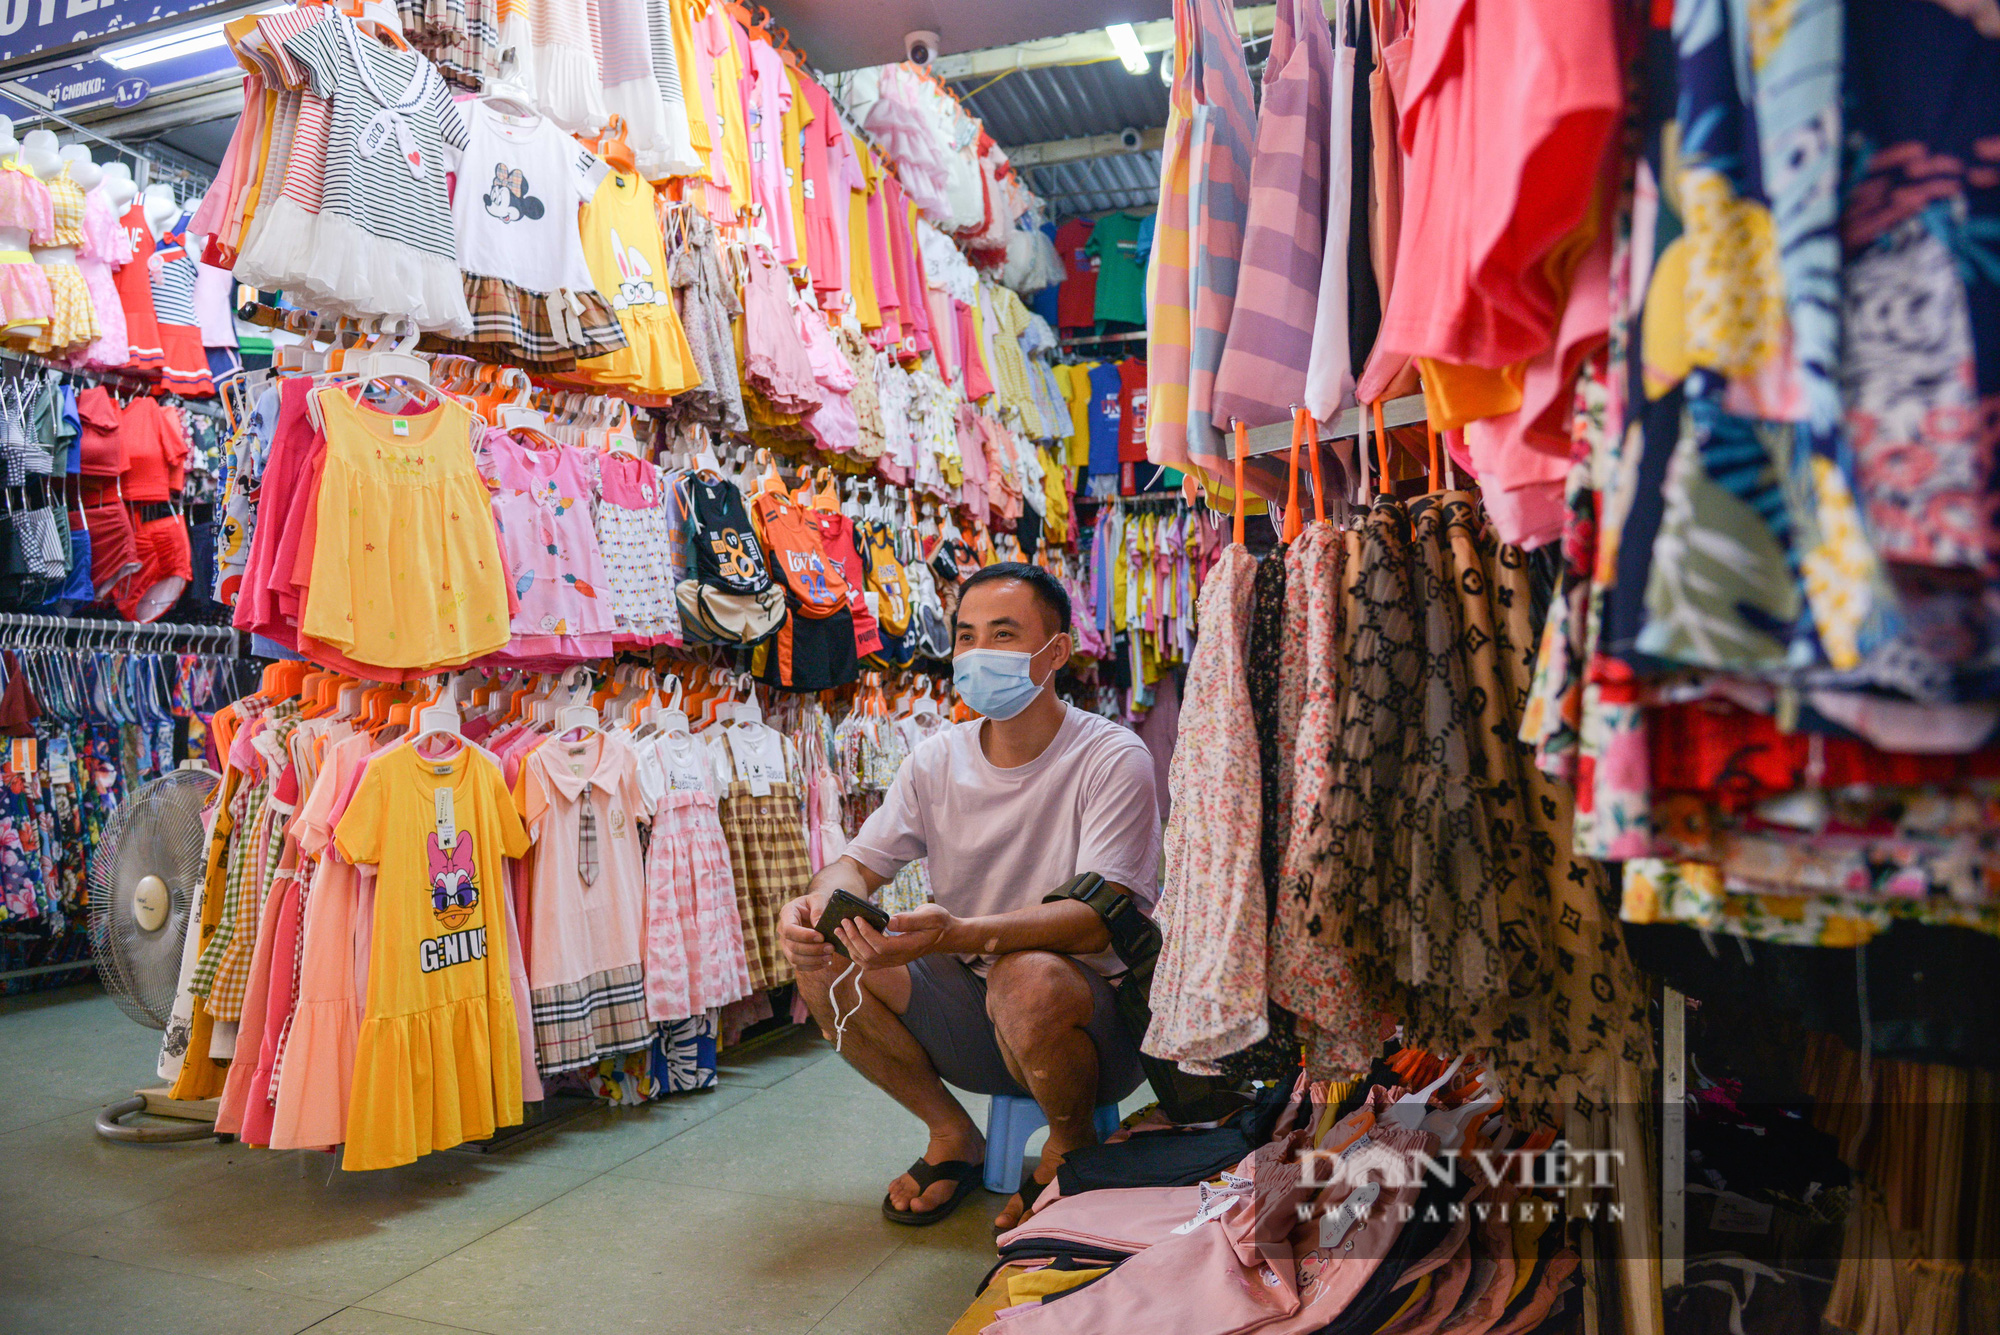 Chợ Đồng Xuân đìu hiu giữa đại dịch Covid-19 - Ảnh 9.